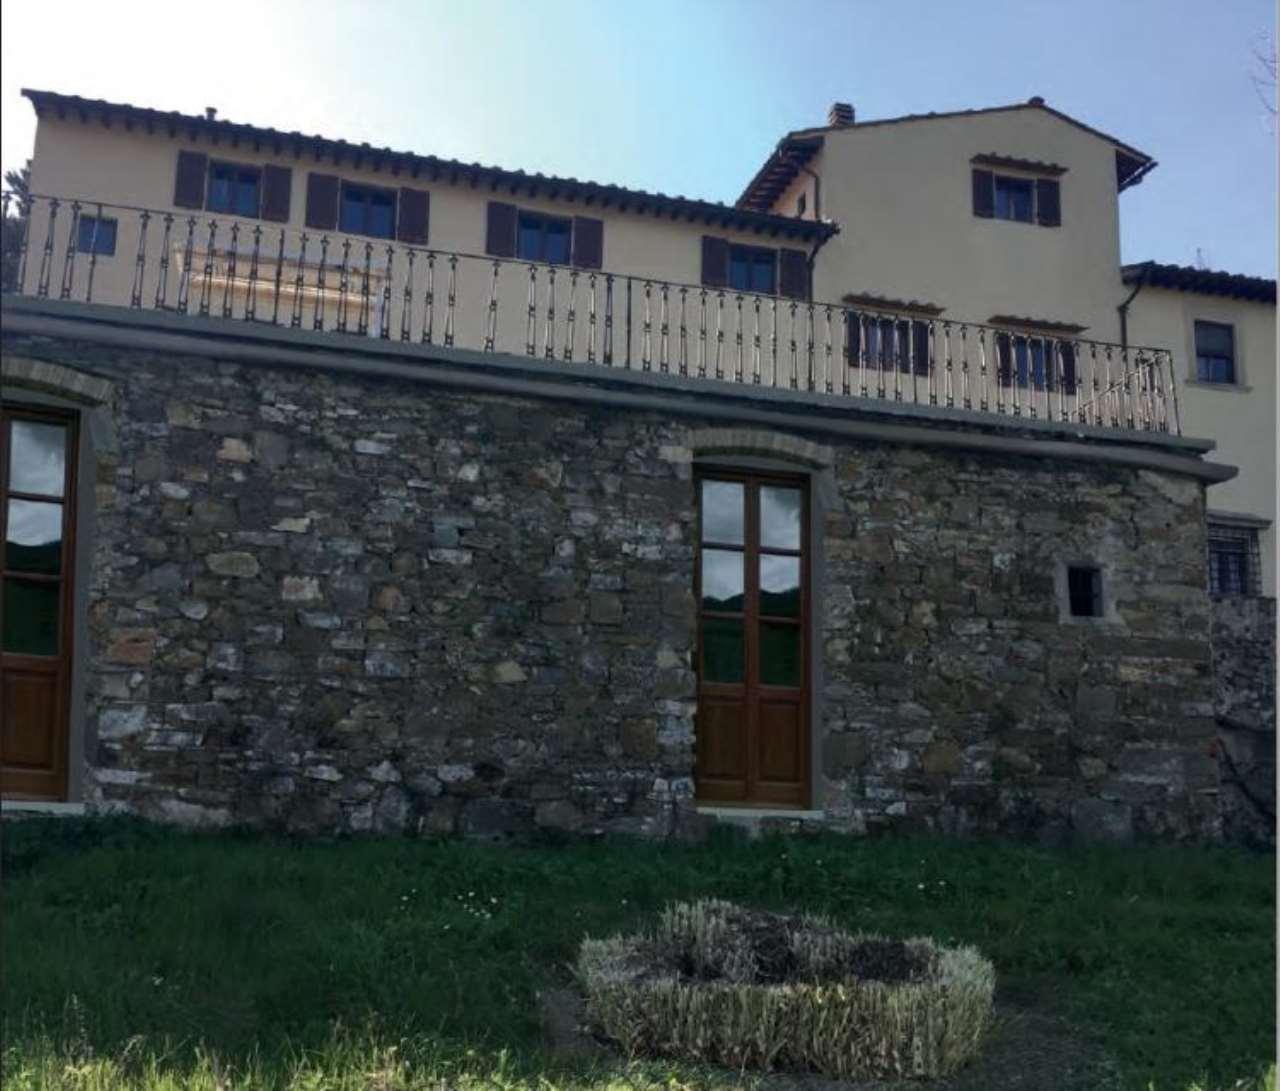 Palazzo / Stabile in vendita a Firenze, 7 locali, zona Zona: 19 . Poggio imperiale, Porta Romana, Piazzale Michelangelo, prezzo € 1.050.000   CambioCasa.it